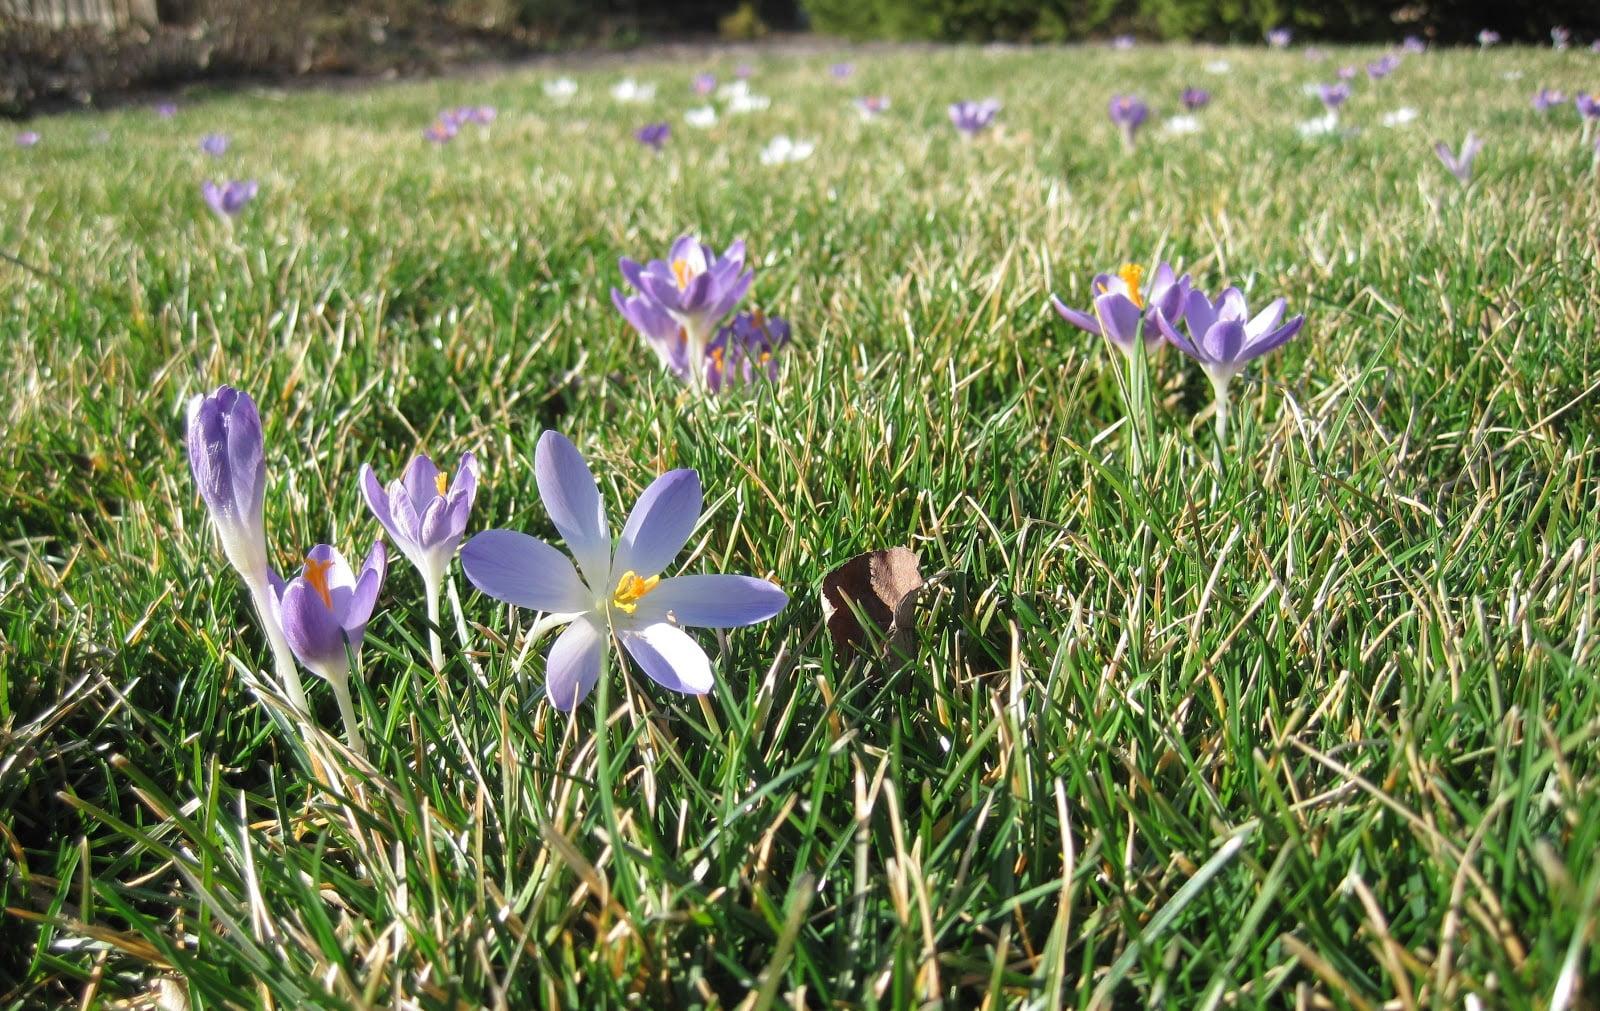 5-gazon-cu-flori